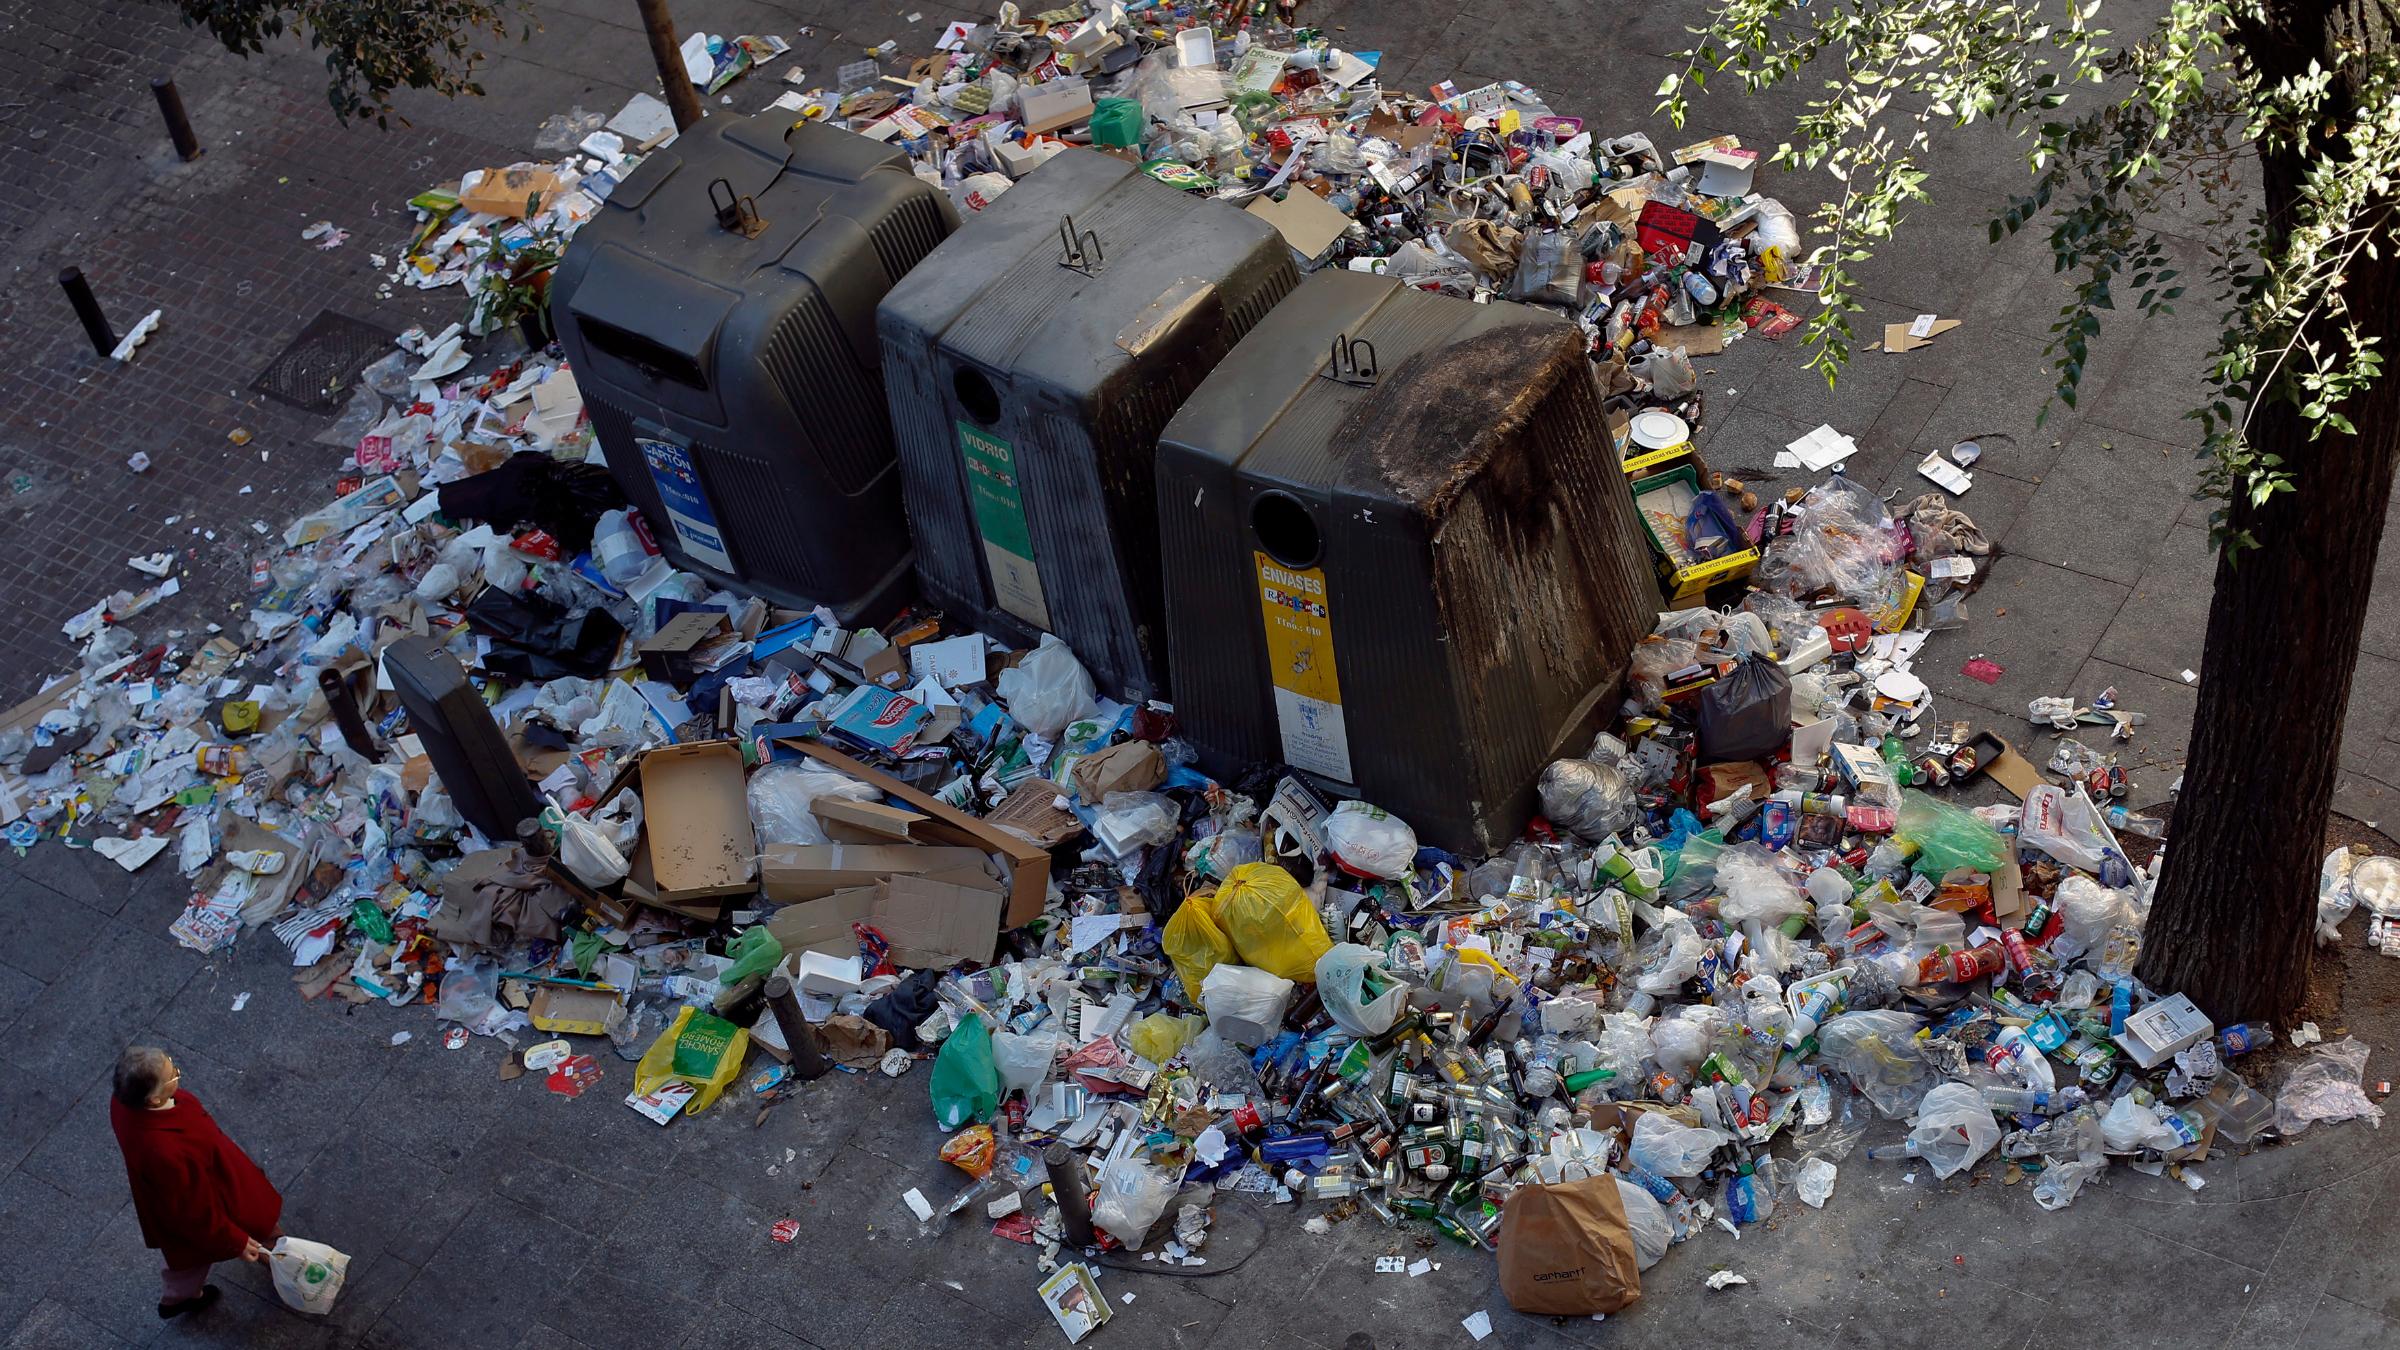 Madrid garbage street cleaner strike